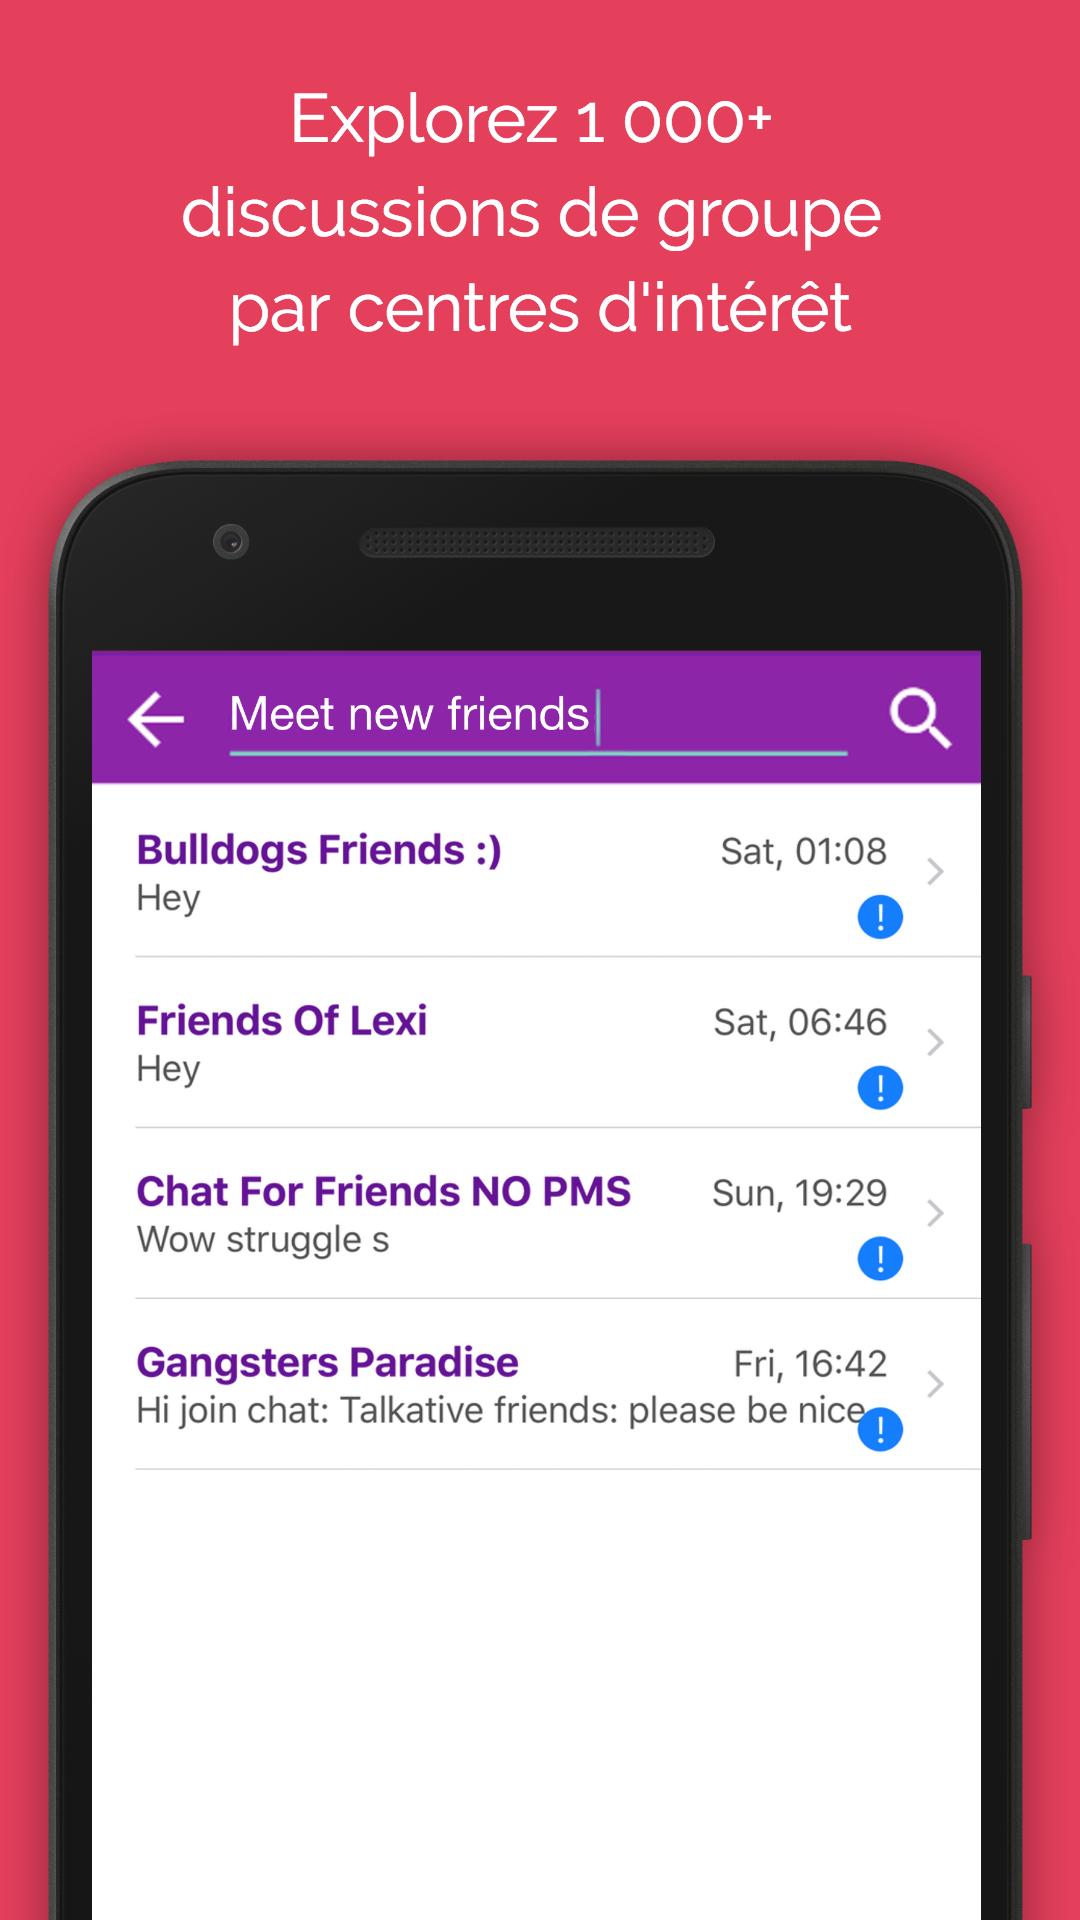 Royaume-Uni sites de rencontre avec la messagerie gratuite matchmaking Xtreme